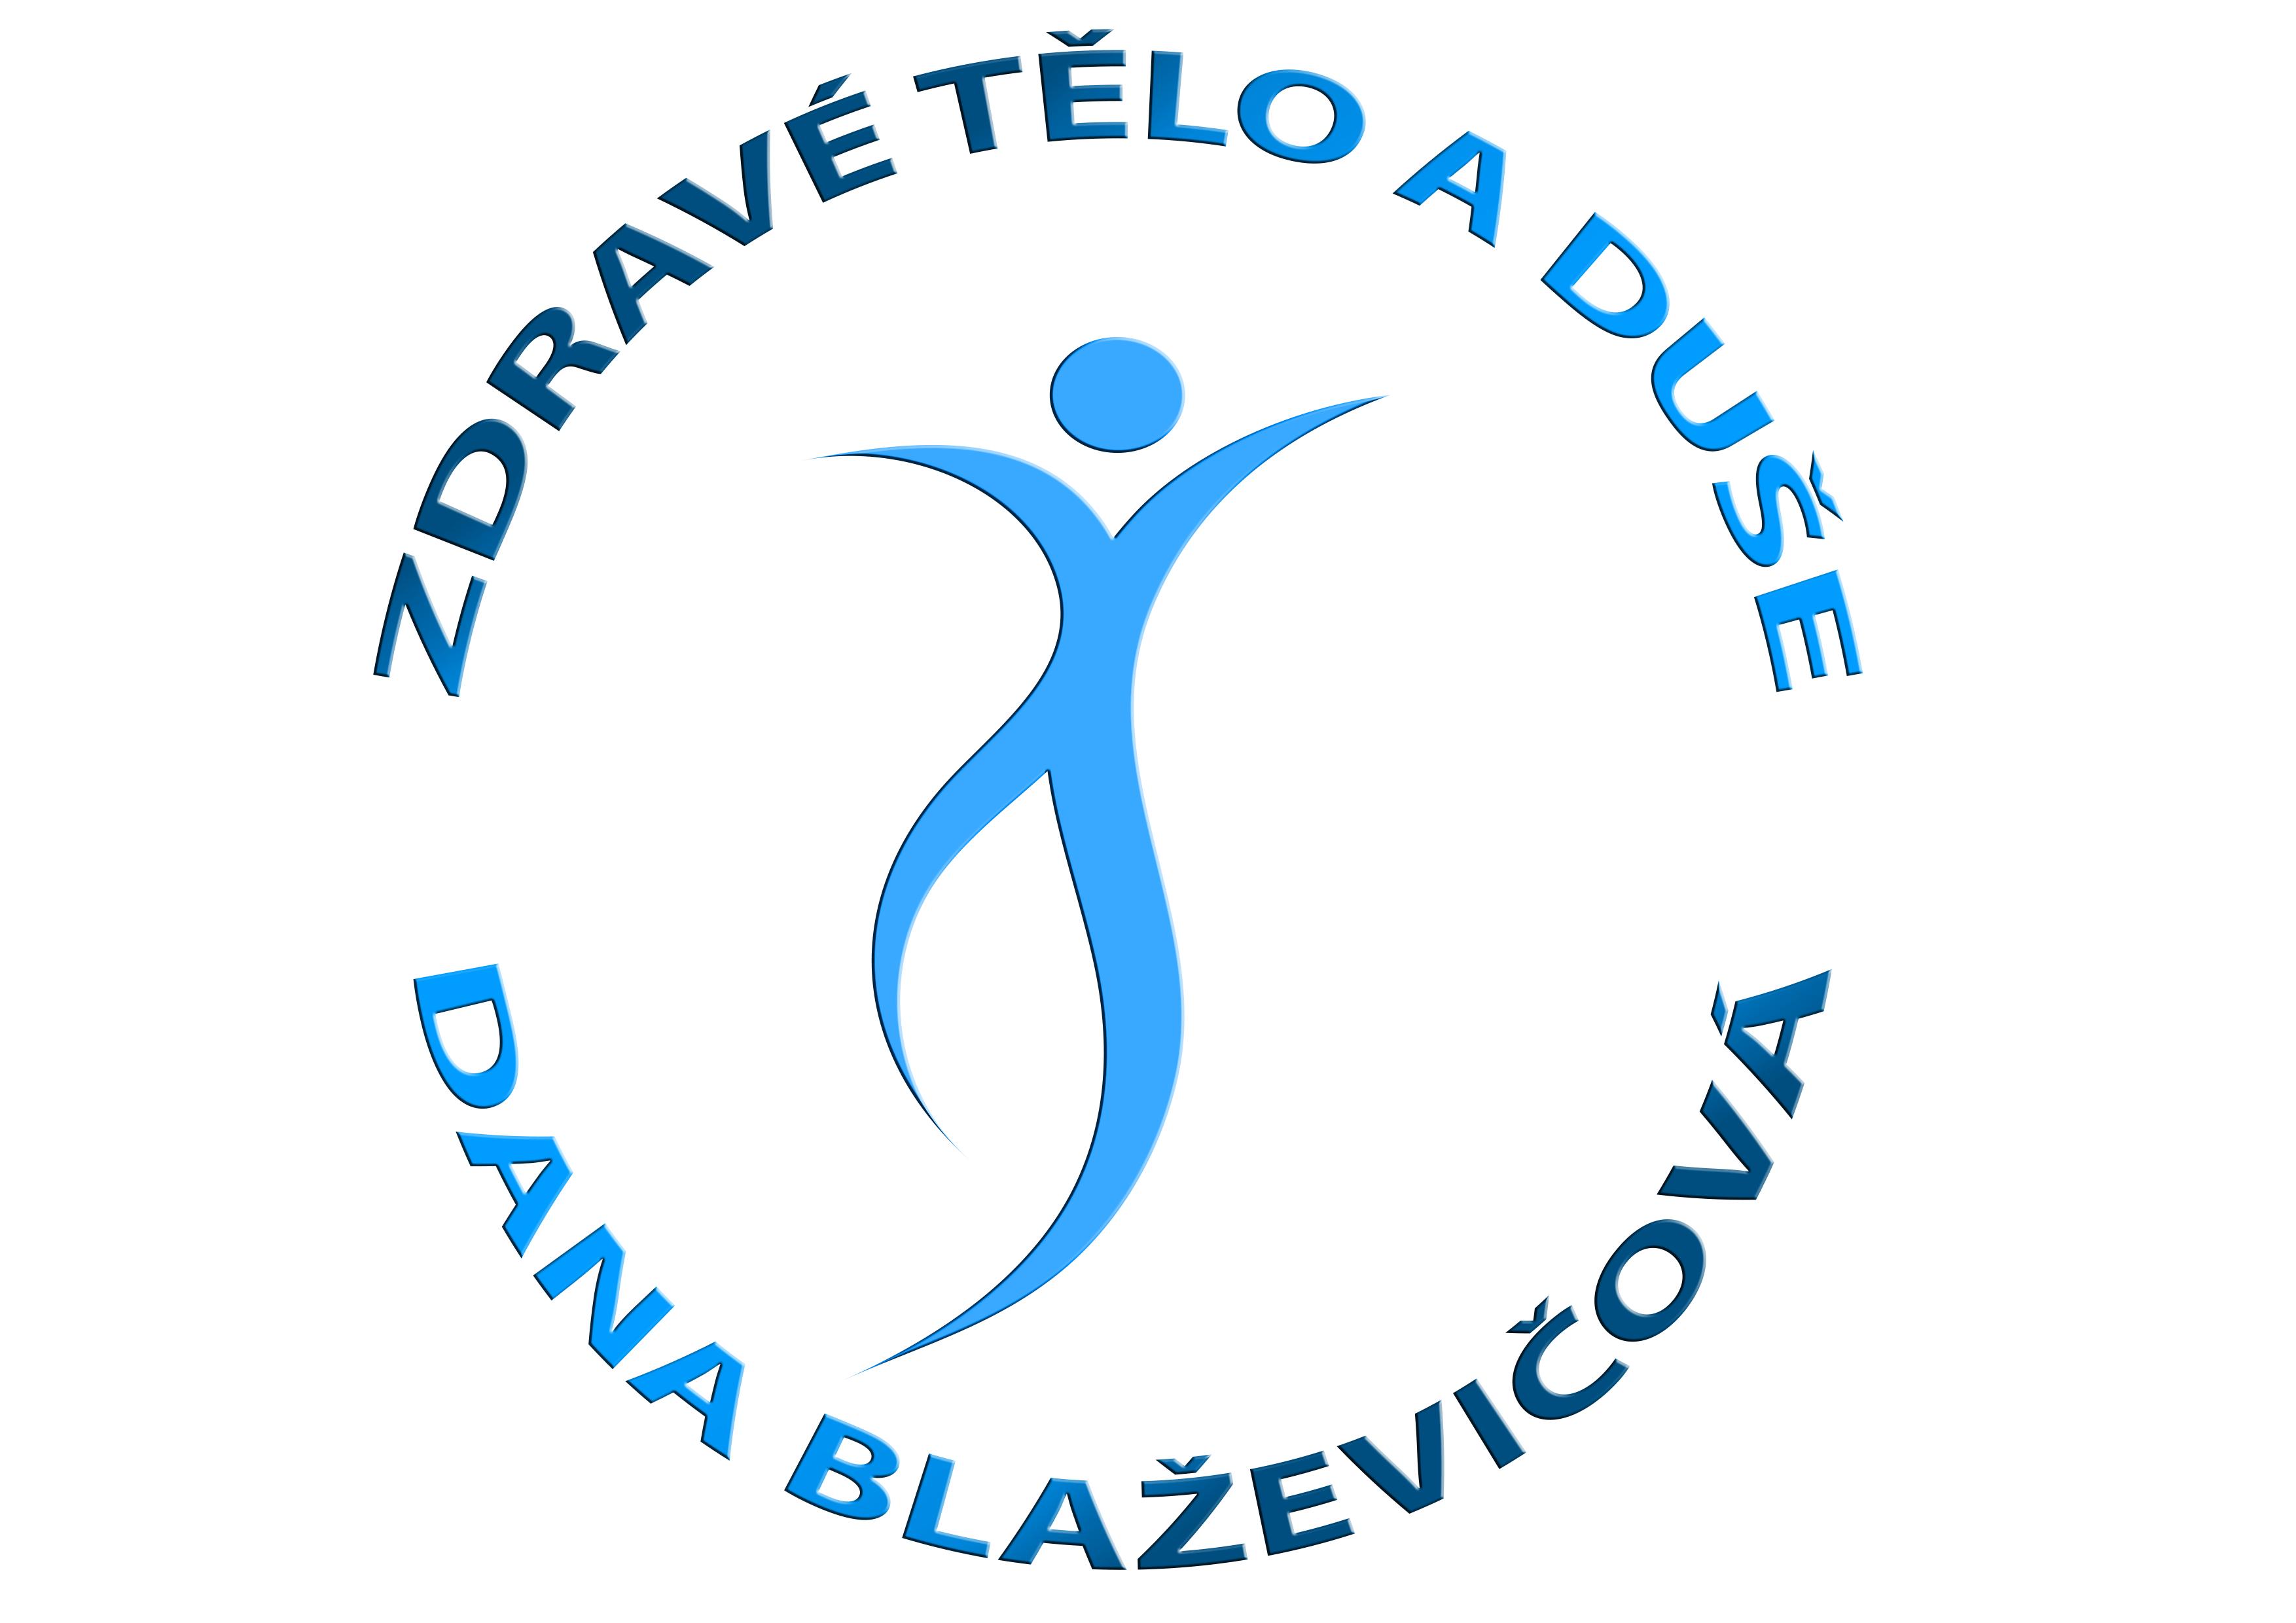 Dana Blaževičová